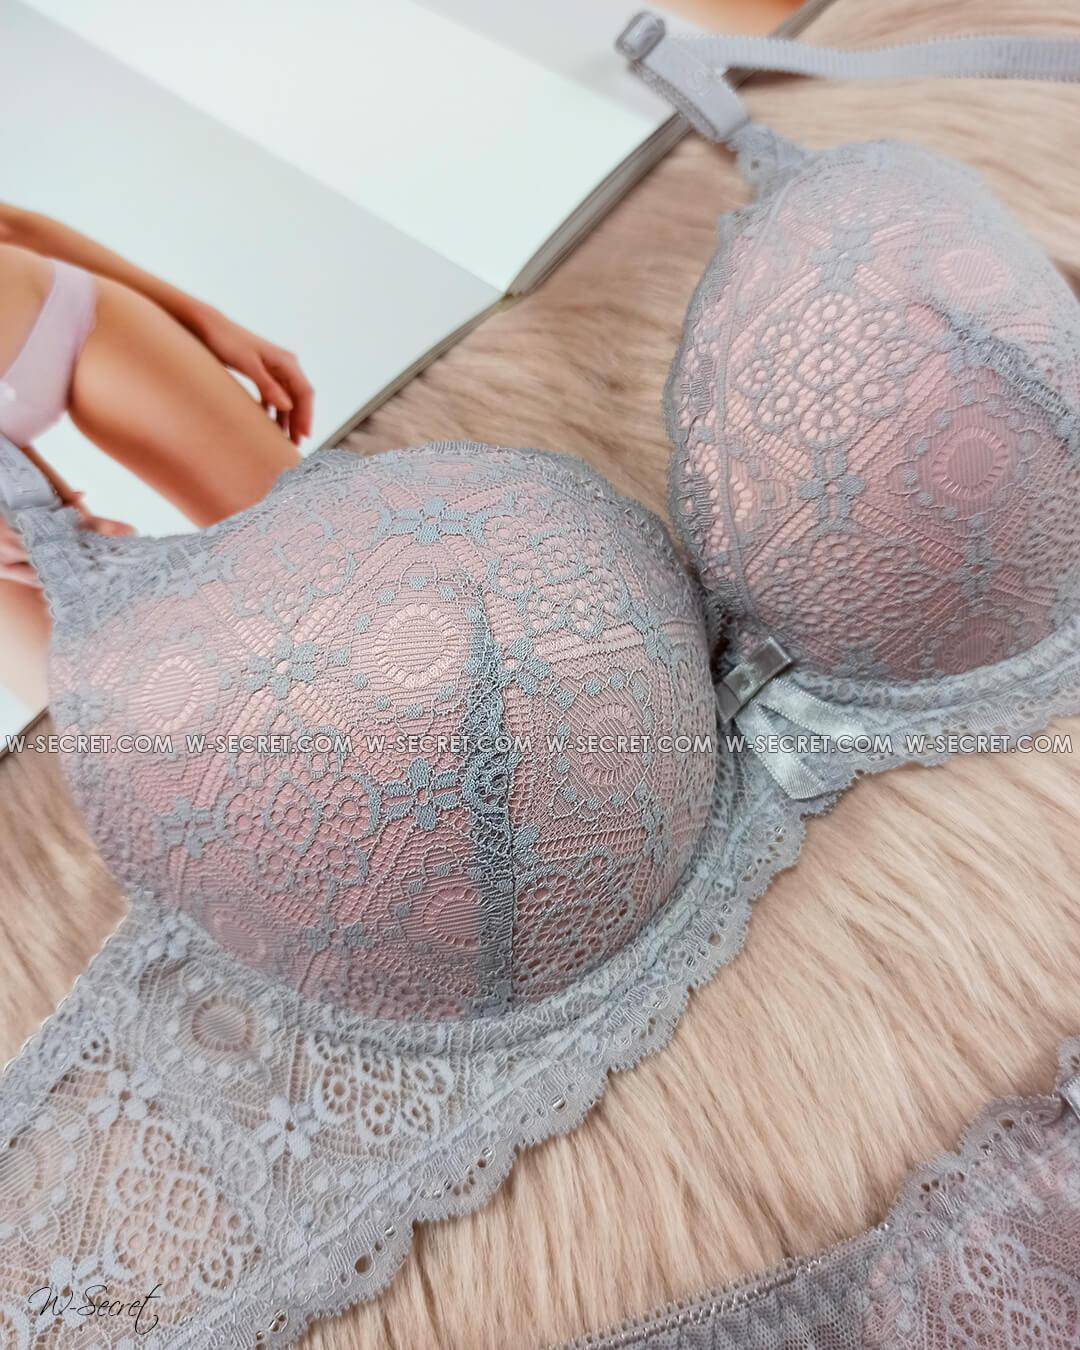 Weiyesi 7006 В Серо-розовый - комплект нижнего белья